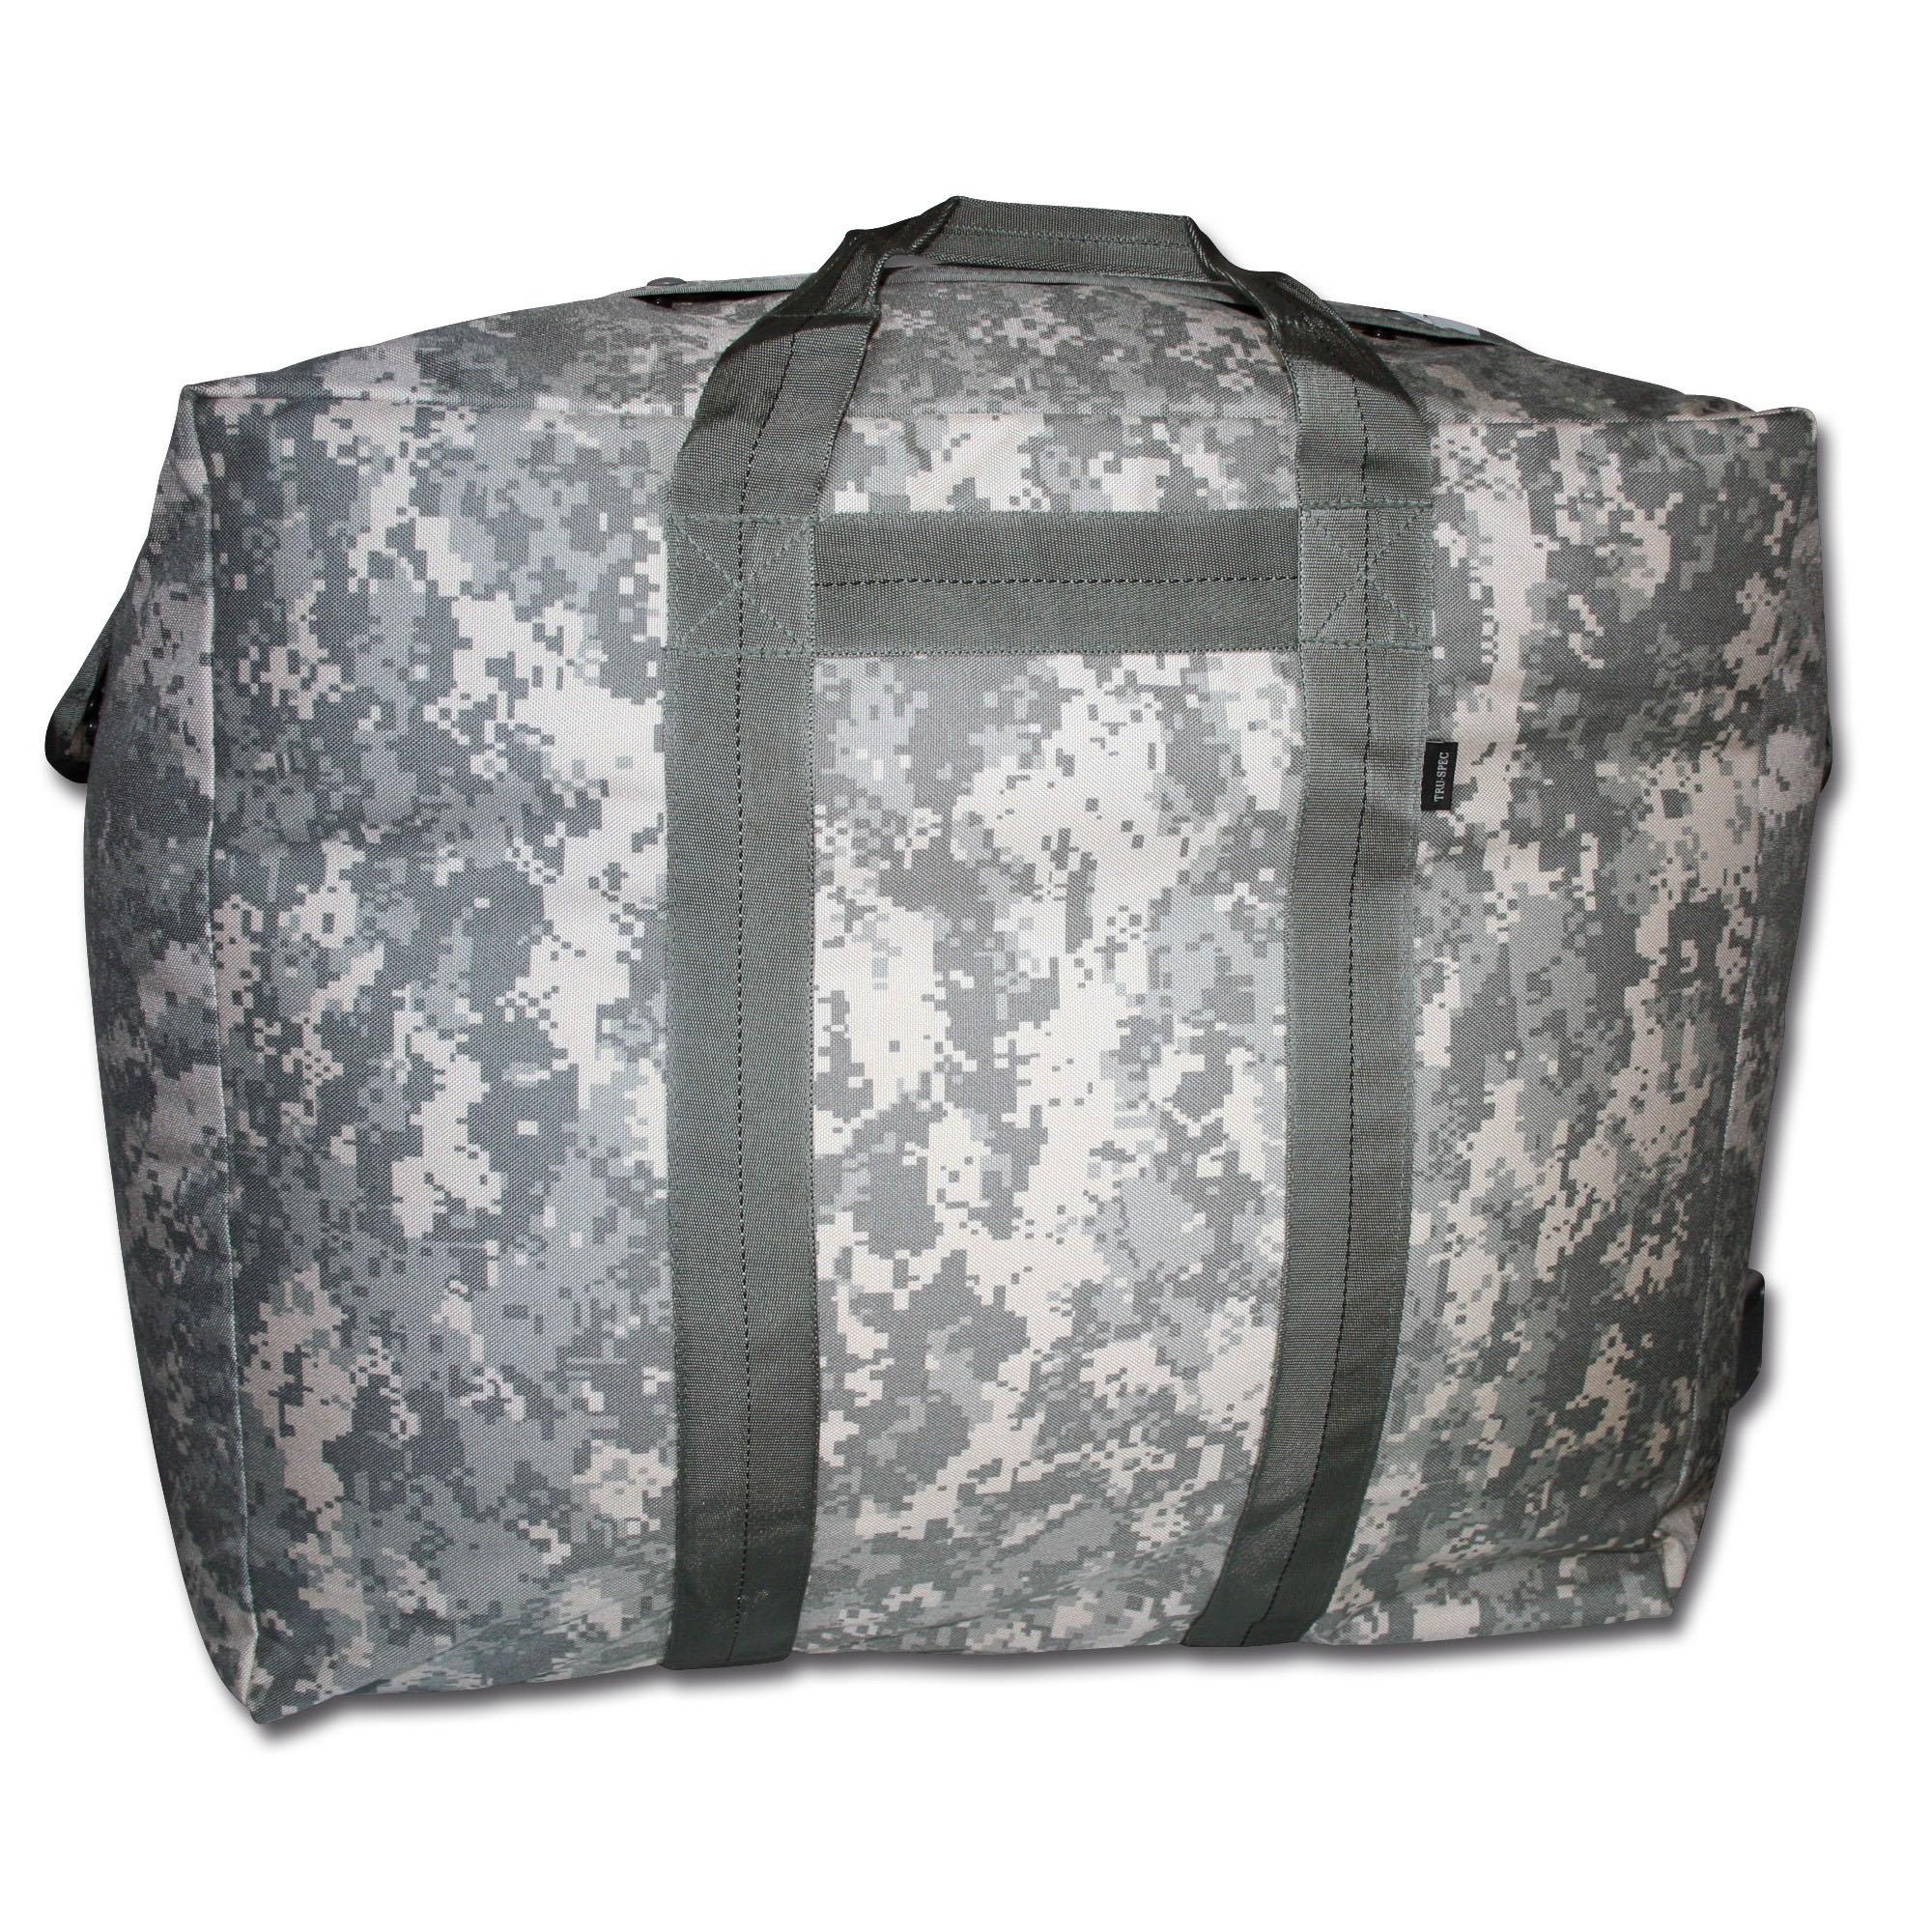 Flight Kit Bag AT-digital